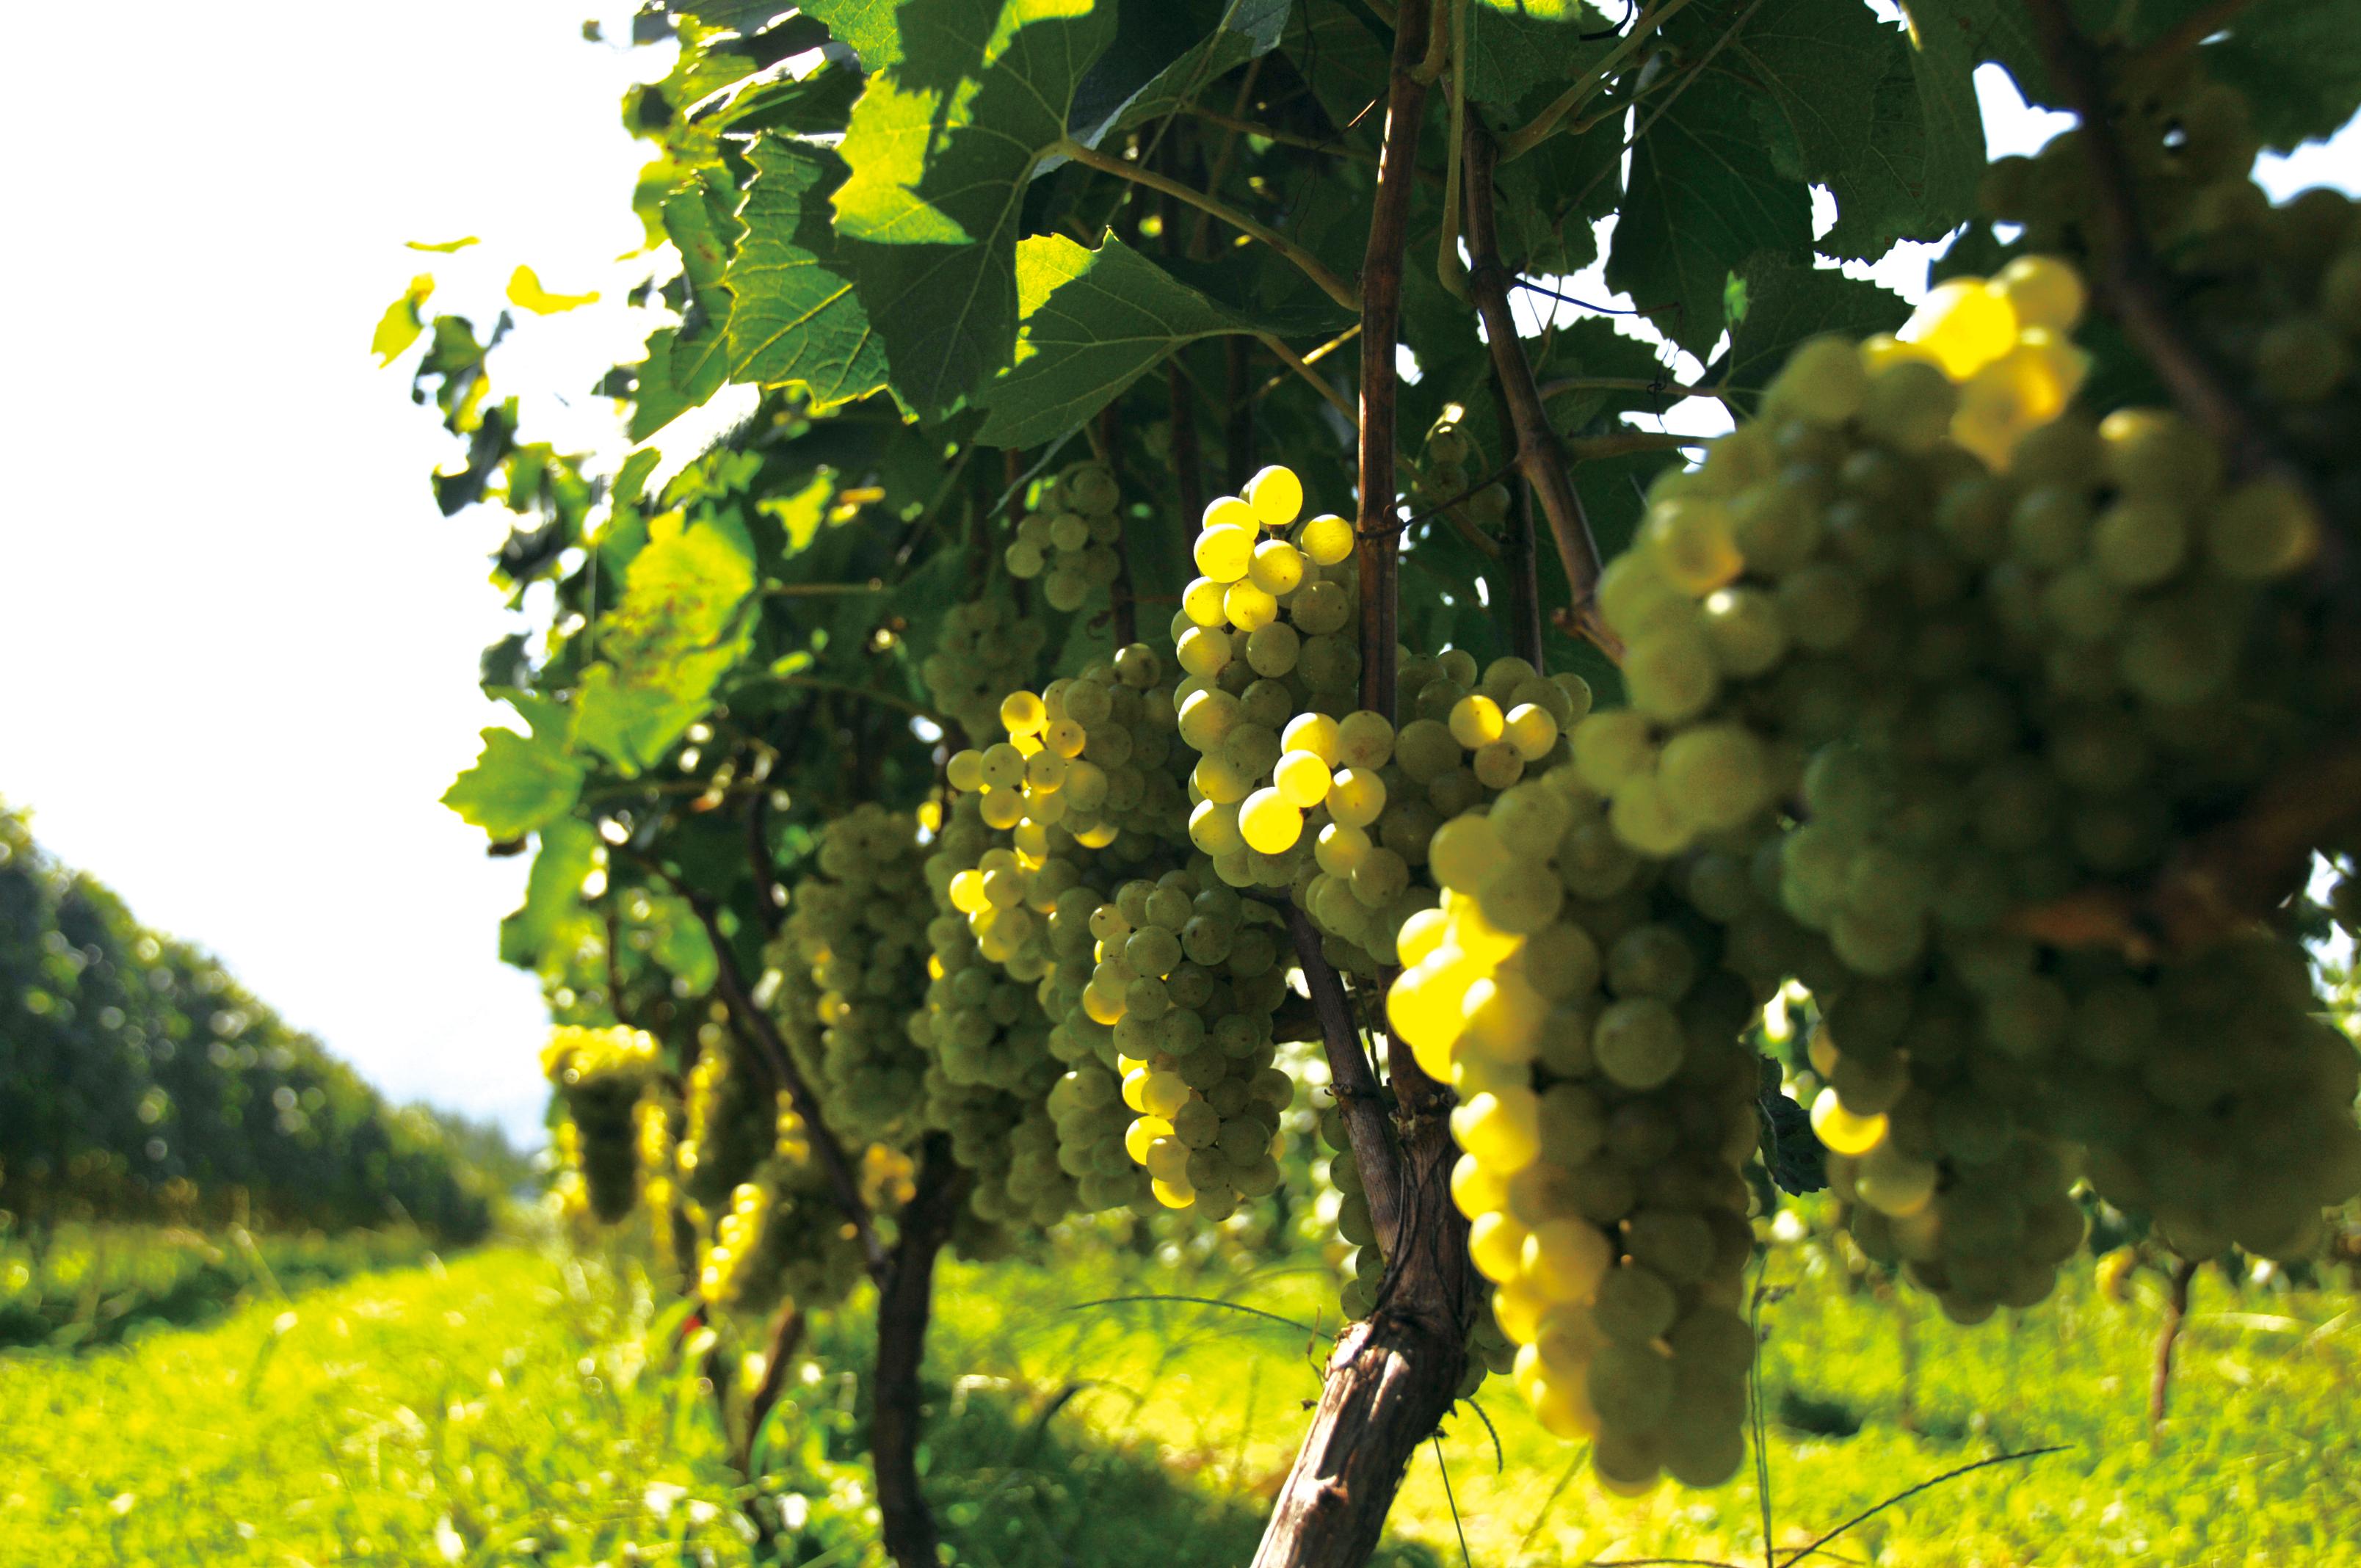 Takayama Wine長野県高山村はワインの産地に